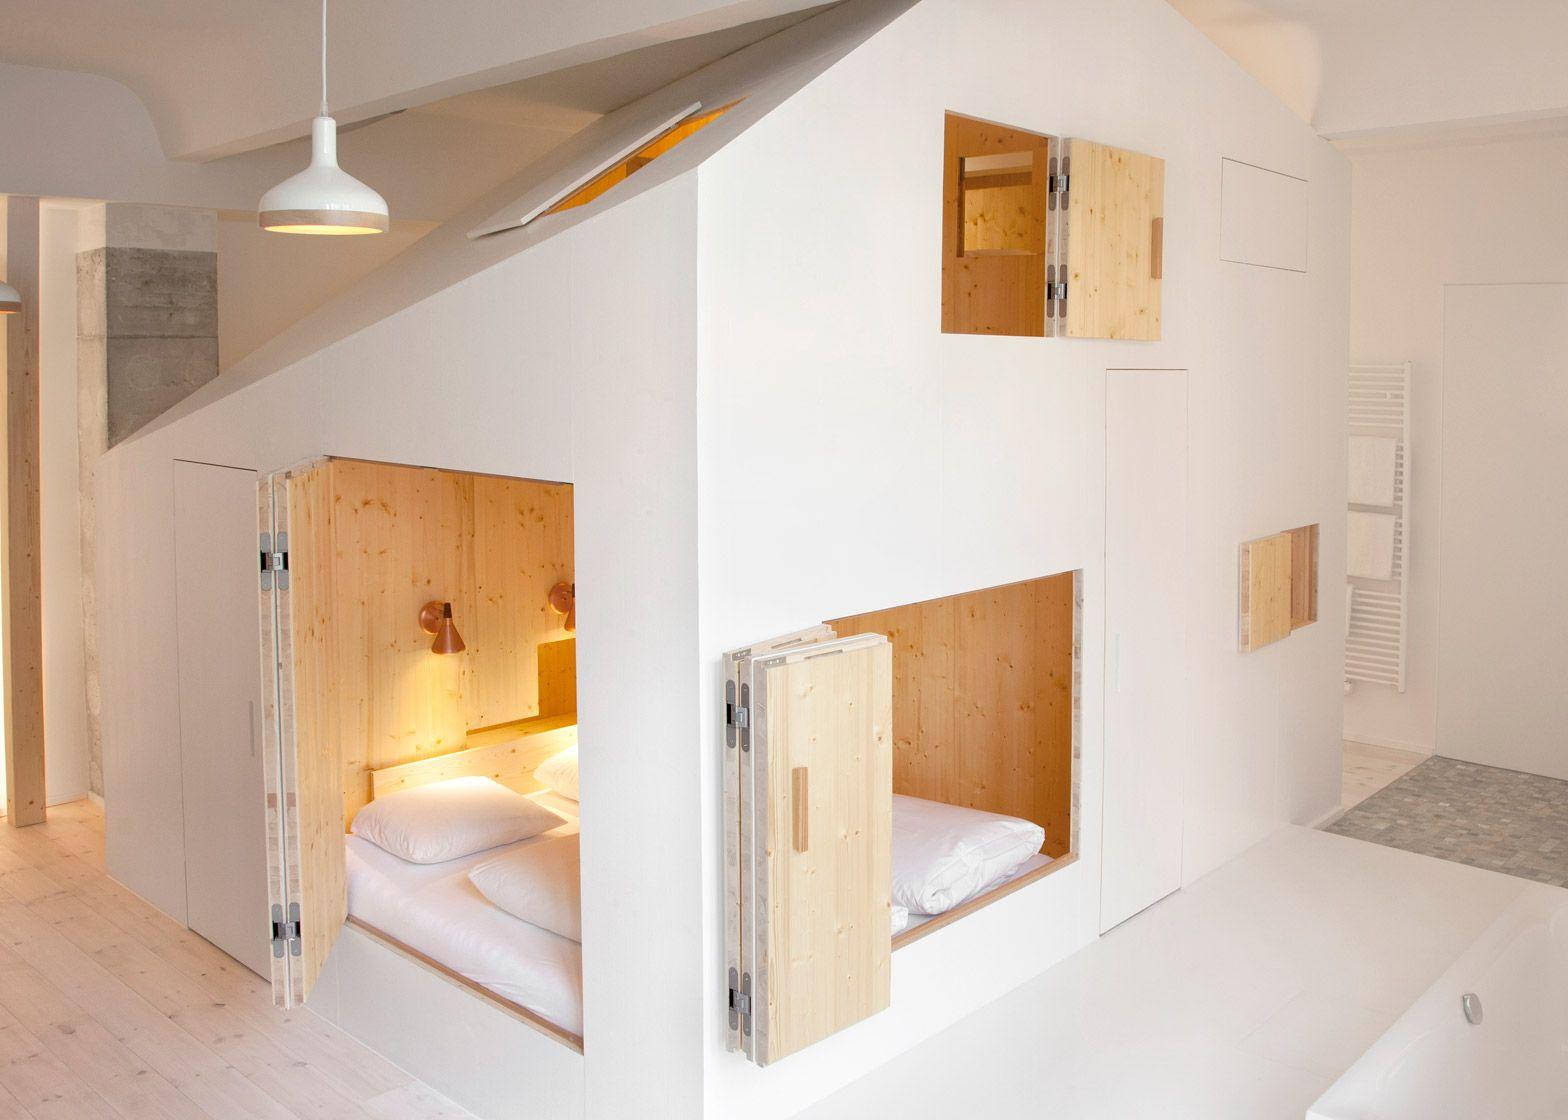 The Gardenhouse | Berlin hotel, Saunas and Danish